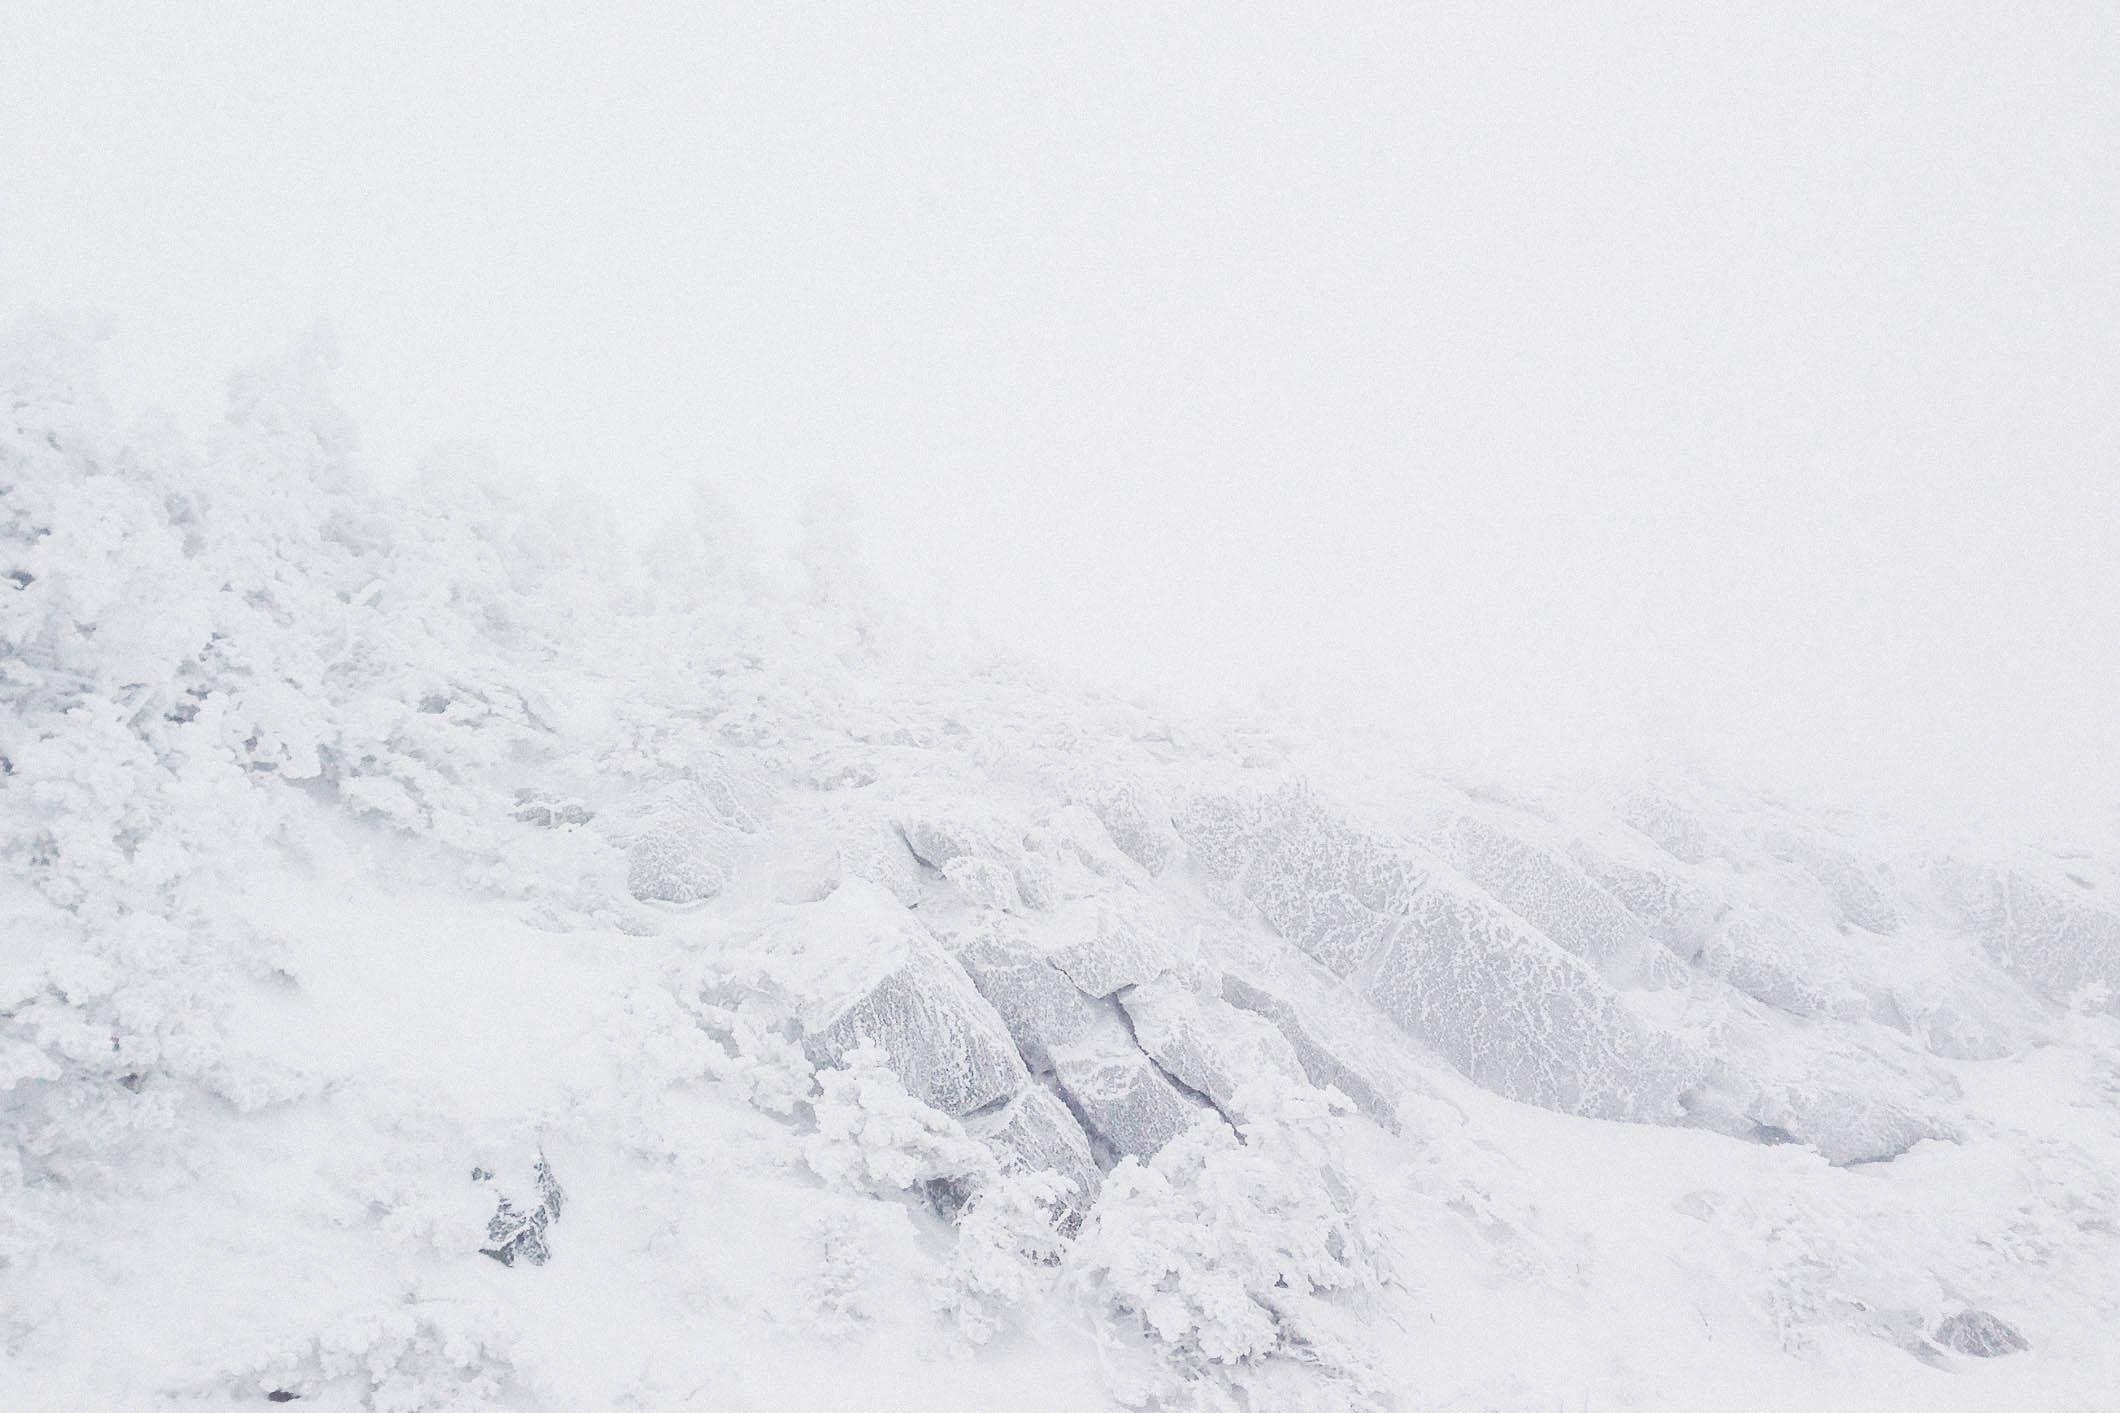 snowy-vermont-05